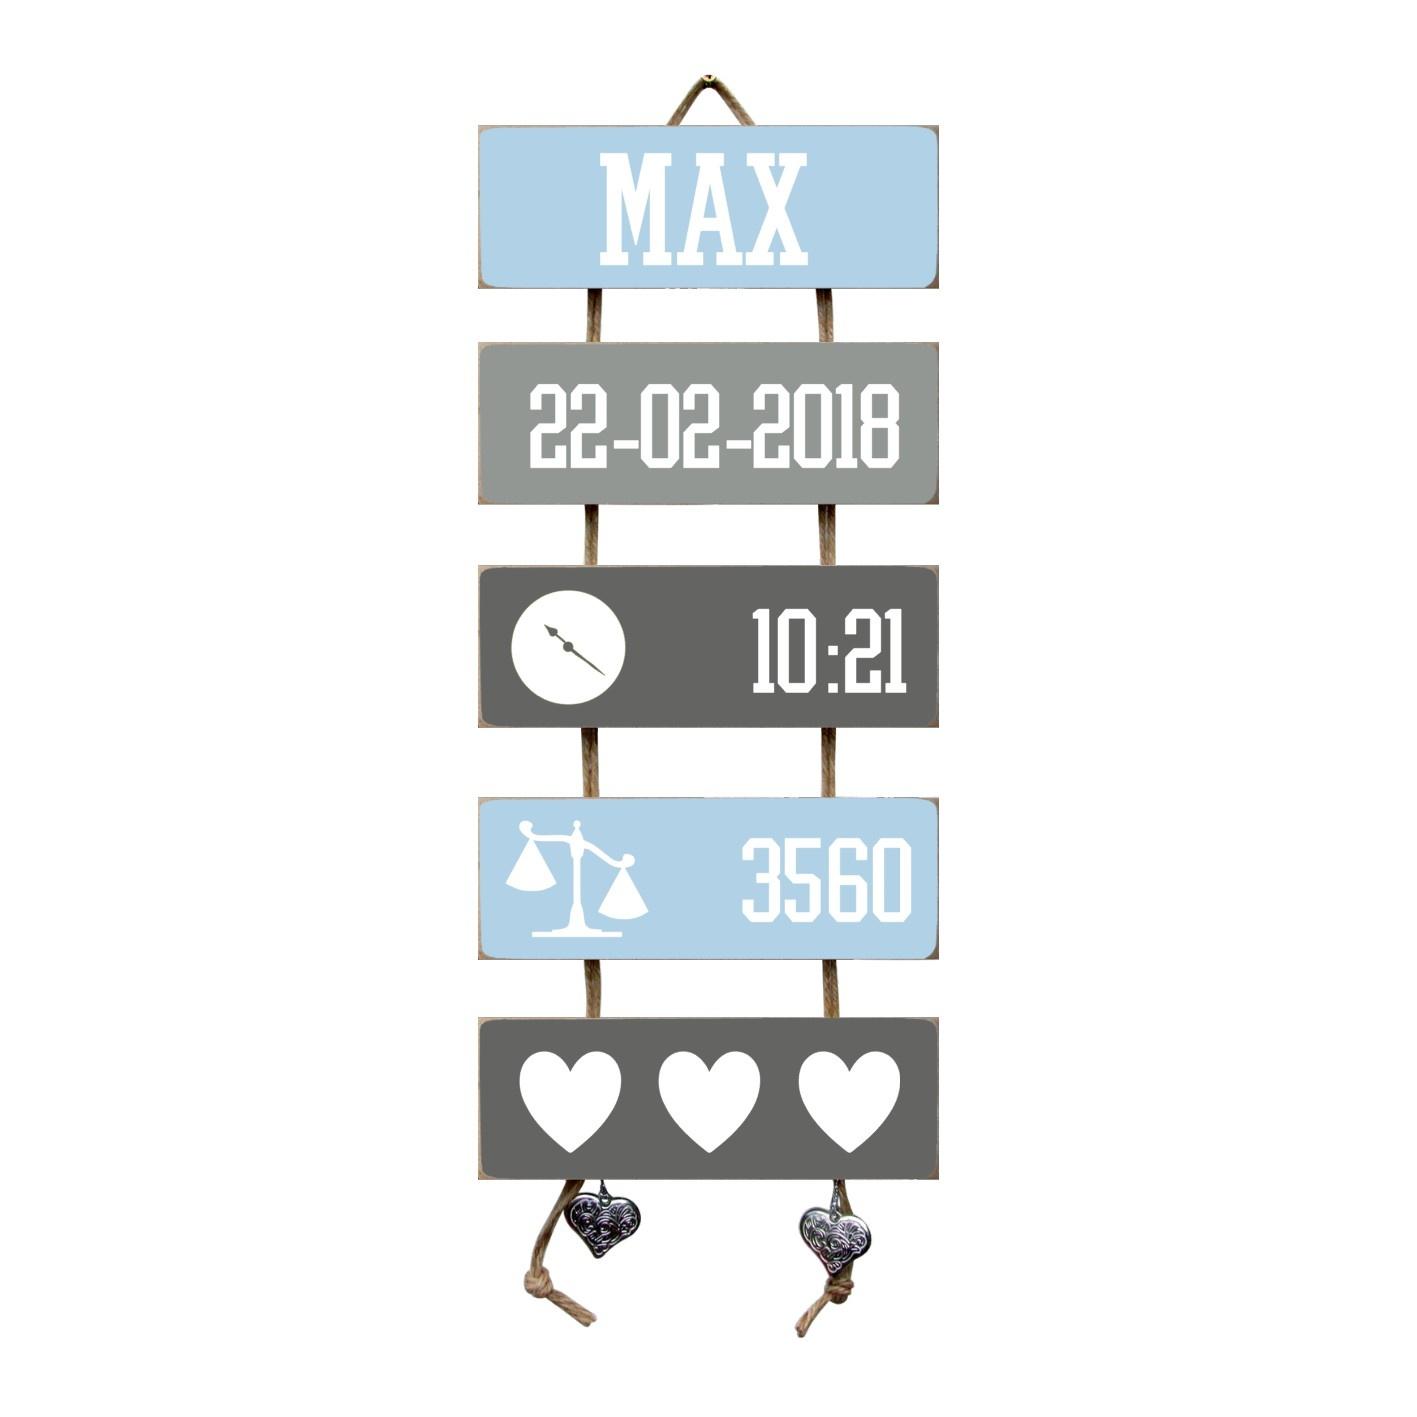 Kraamcadeau Geboorteladder Max lichtblauw/grijs